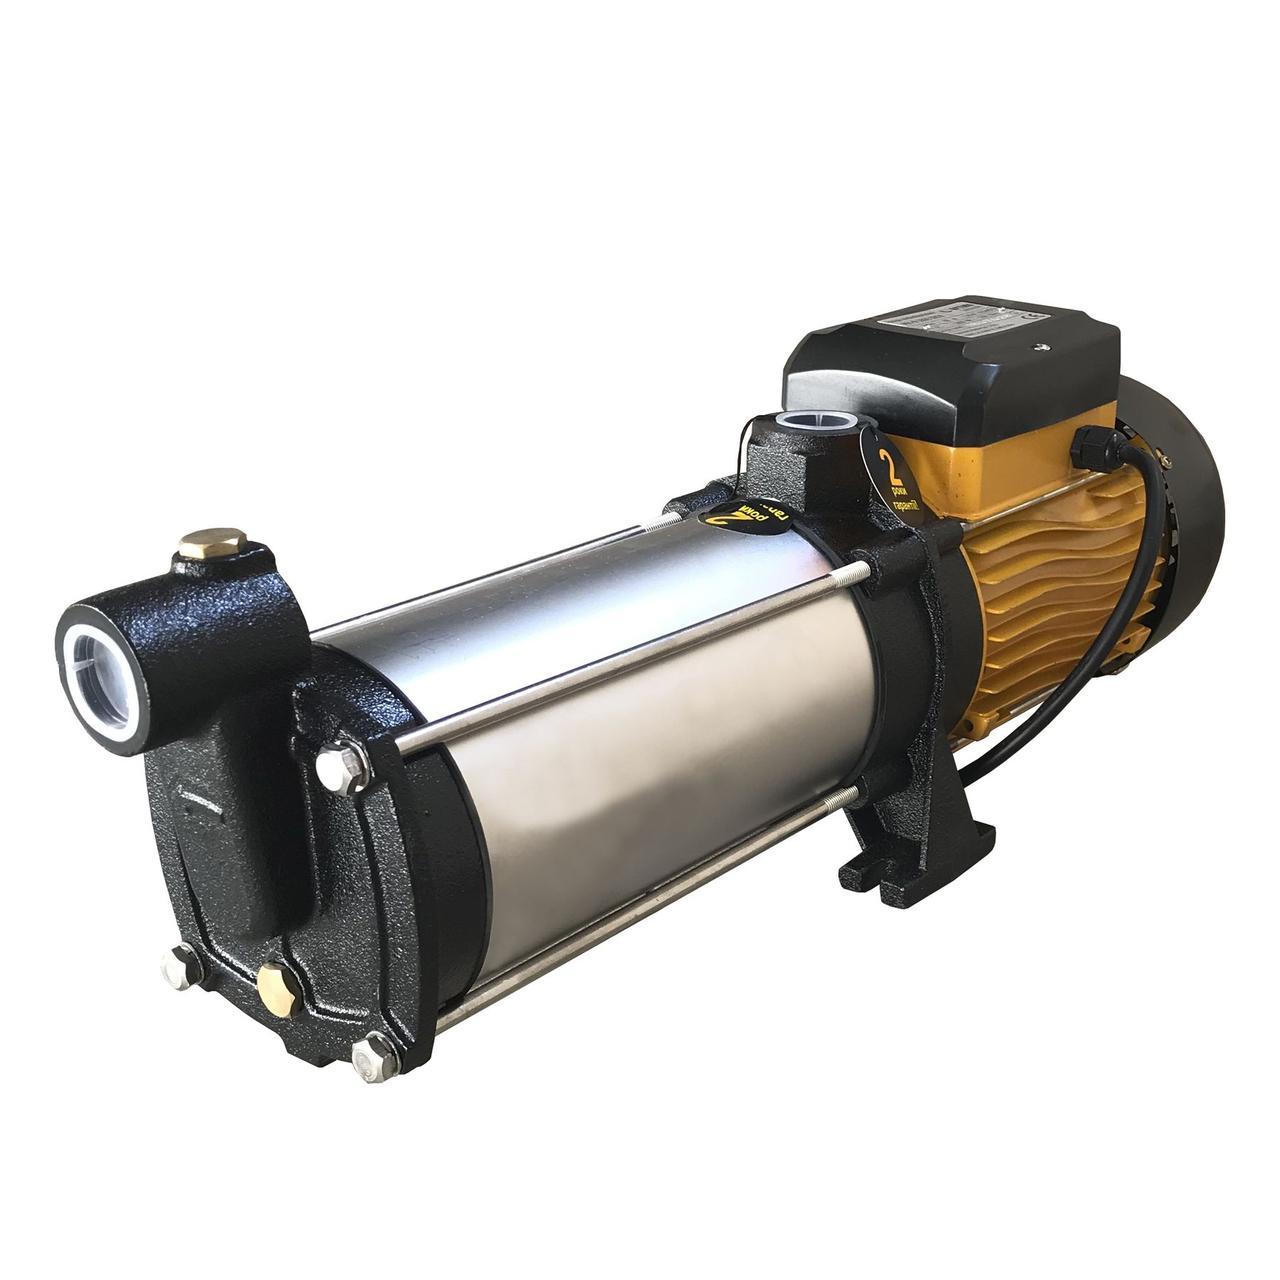 Насос центробежный многоступенчатый Optima MH-N 1800INOX 1,8 кВт нерж. колеса